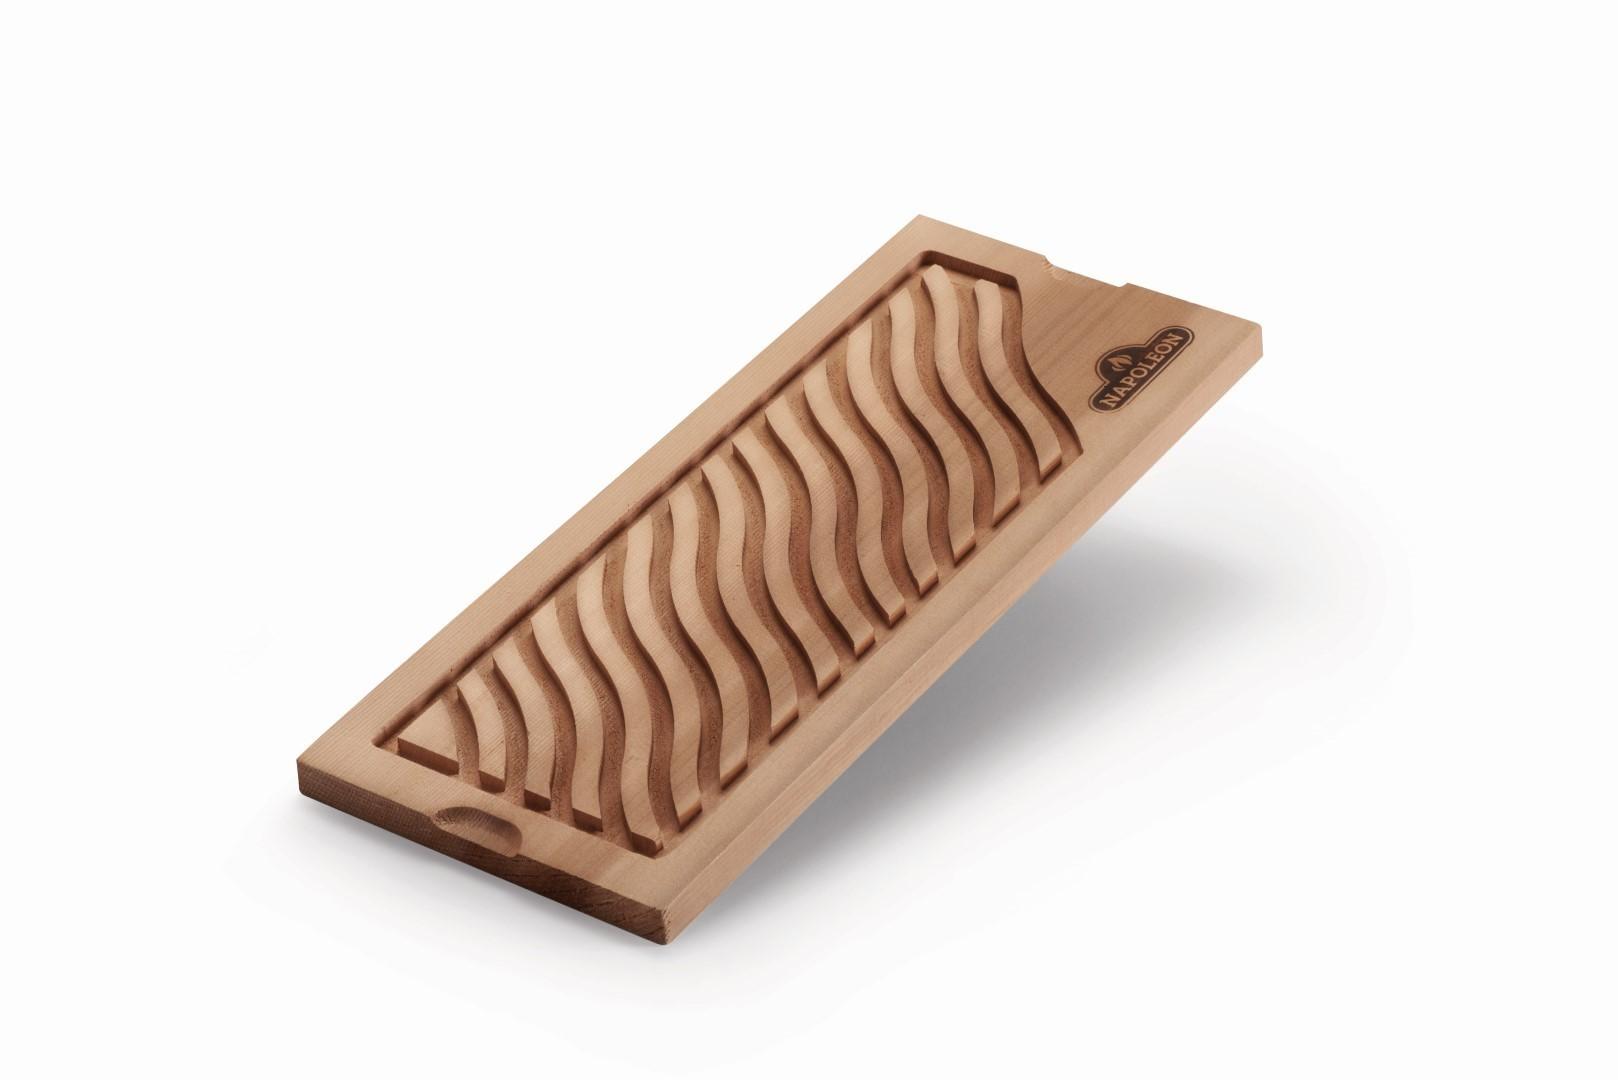 Infusion plank van cederhout, voor toevoegen van vloeistoffen